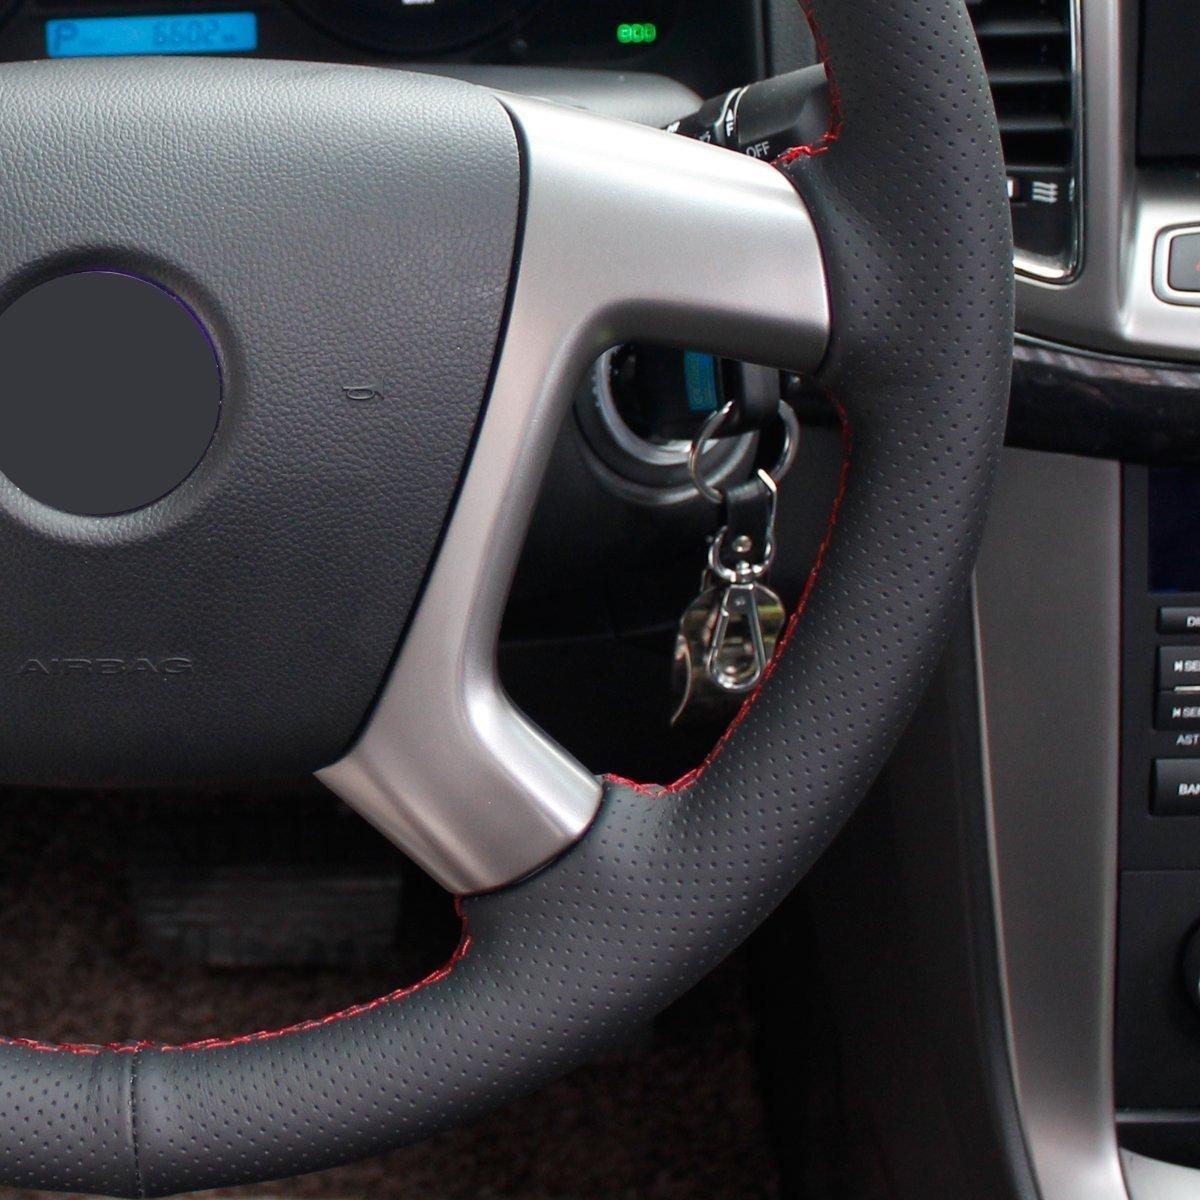 2014 Chevrolet Express 3500 Cargo Interior: Express Chevy Silverado 1500/ //2007/ /–/ 2013/ Avalanche